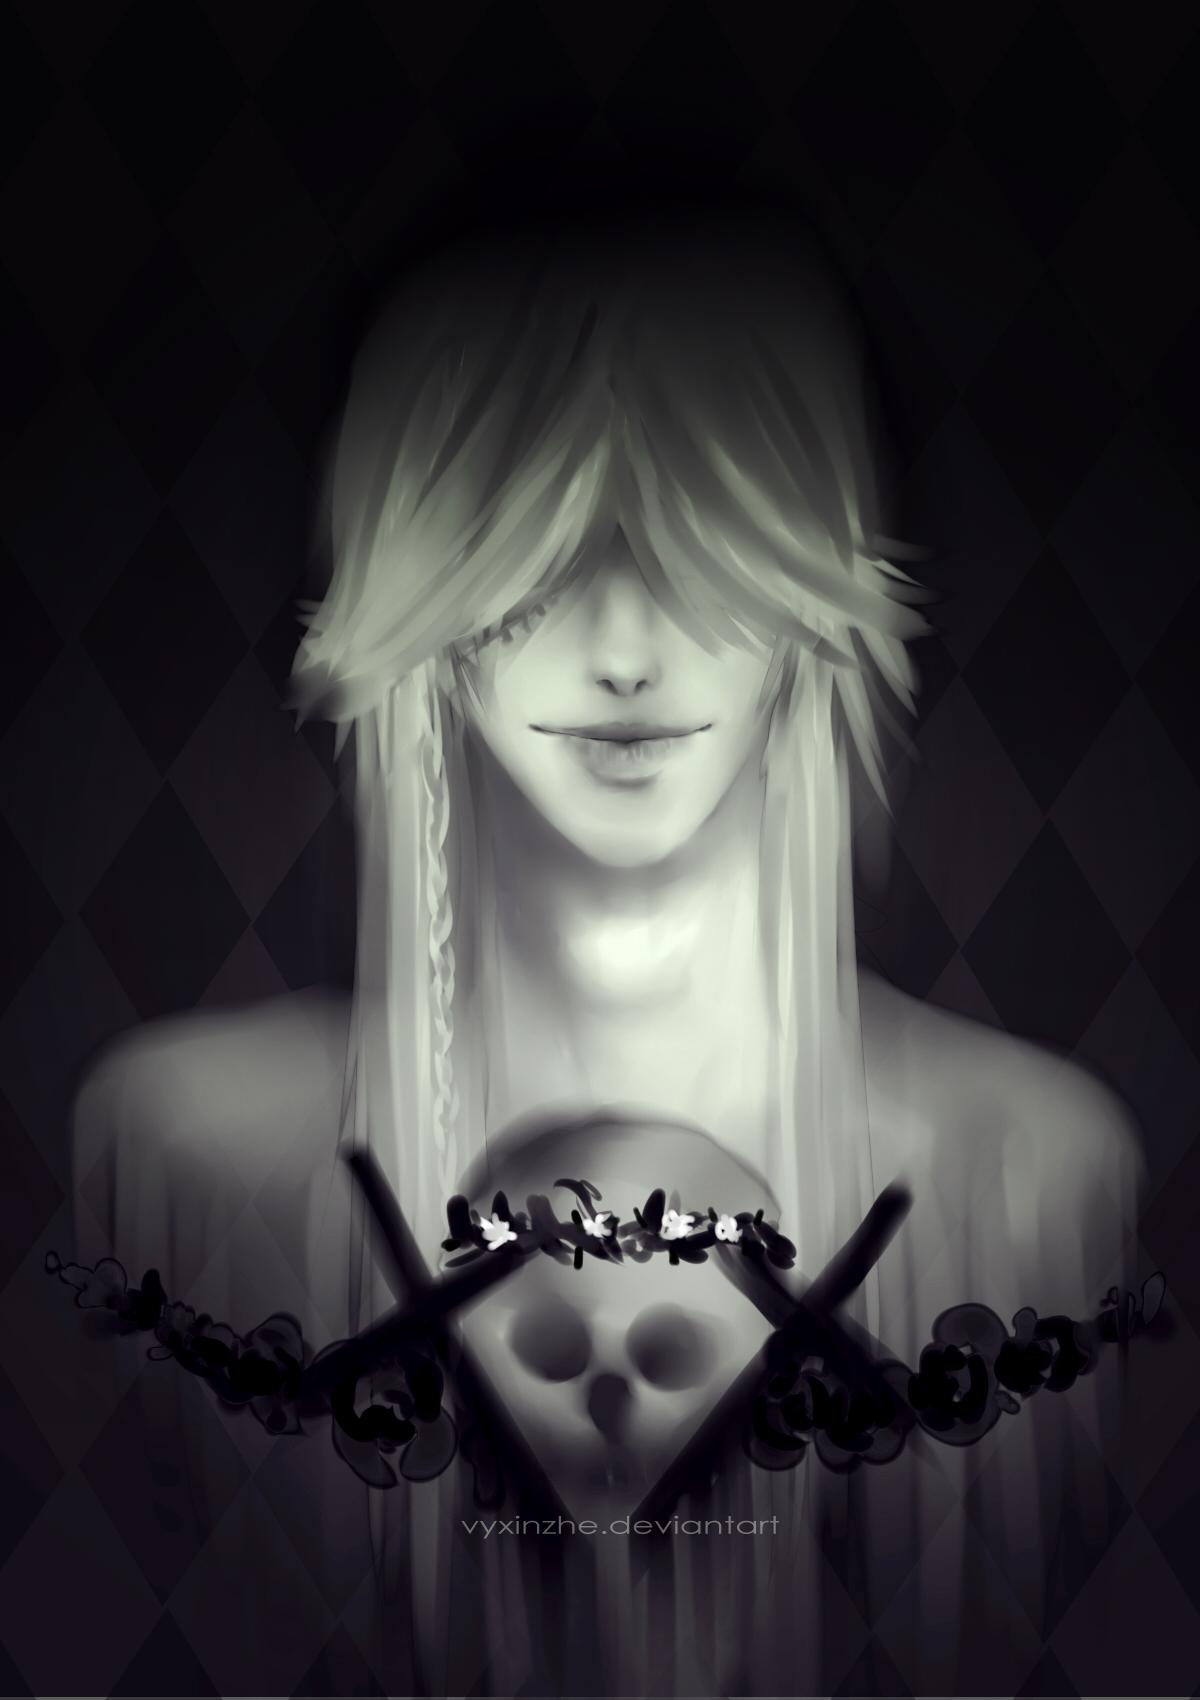 Undertaker by vyxinzhe